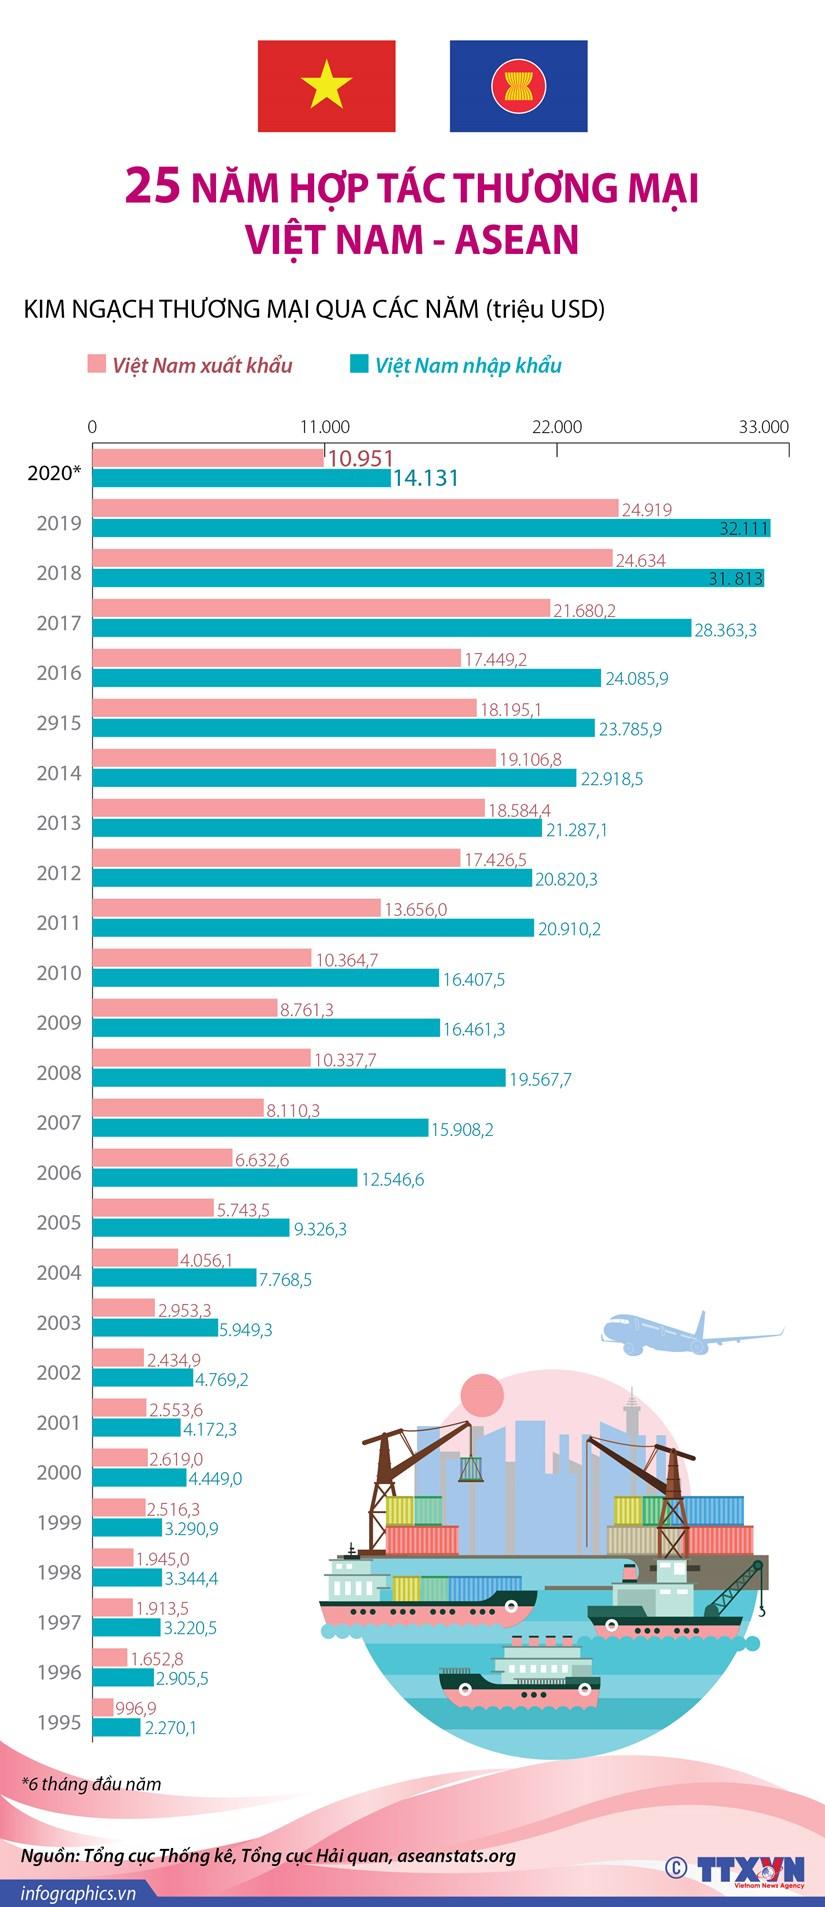 [Infographics] 25 nam hop tac thuong mai Viet Nam-ASEAN hinh anh 1